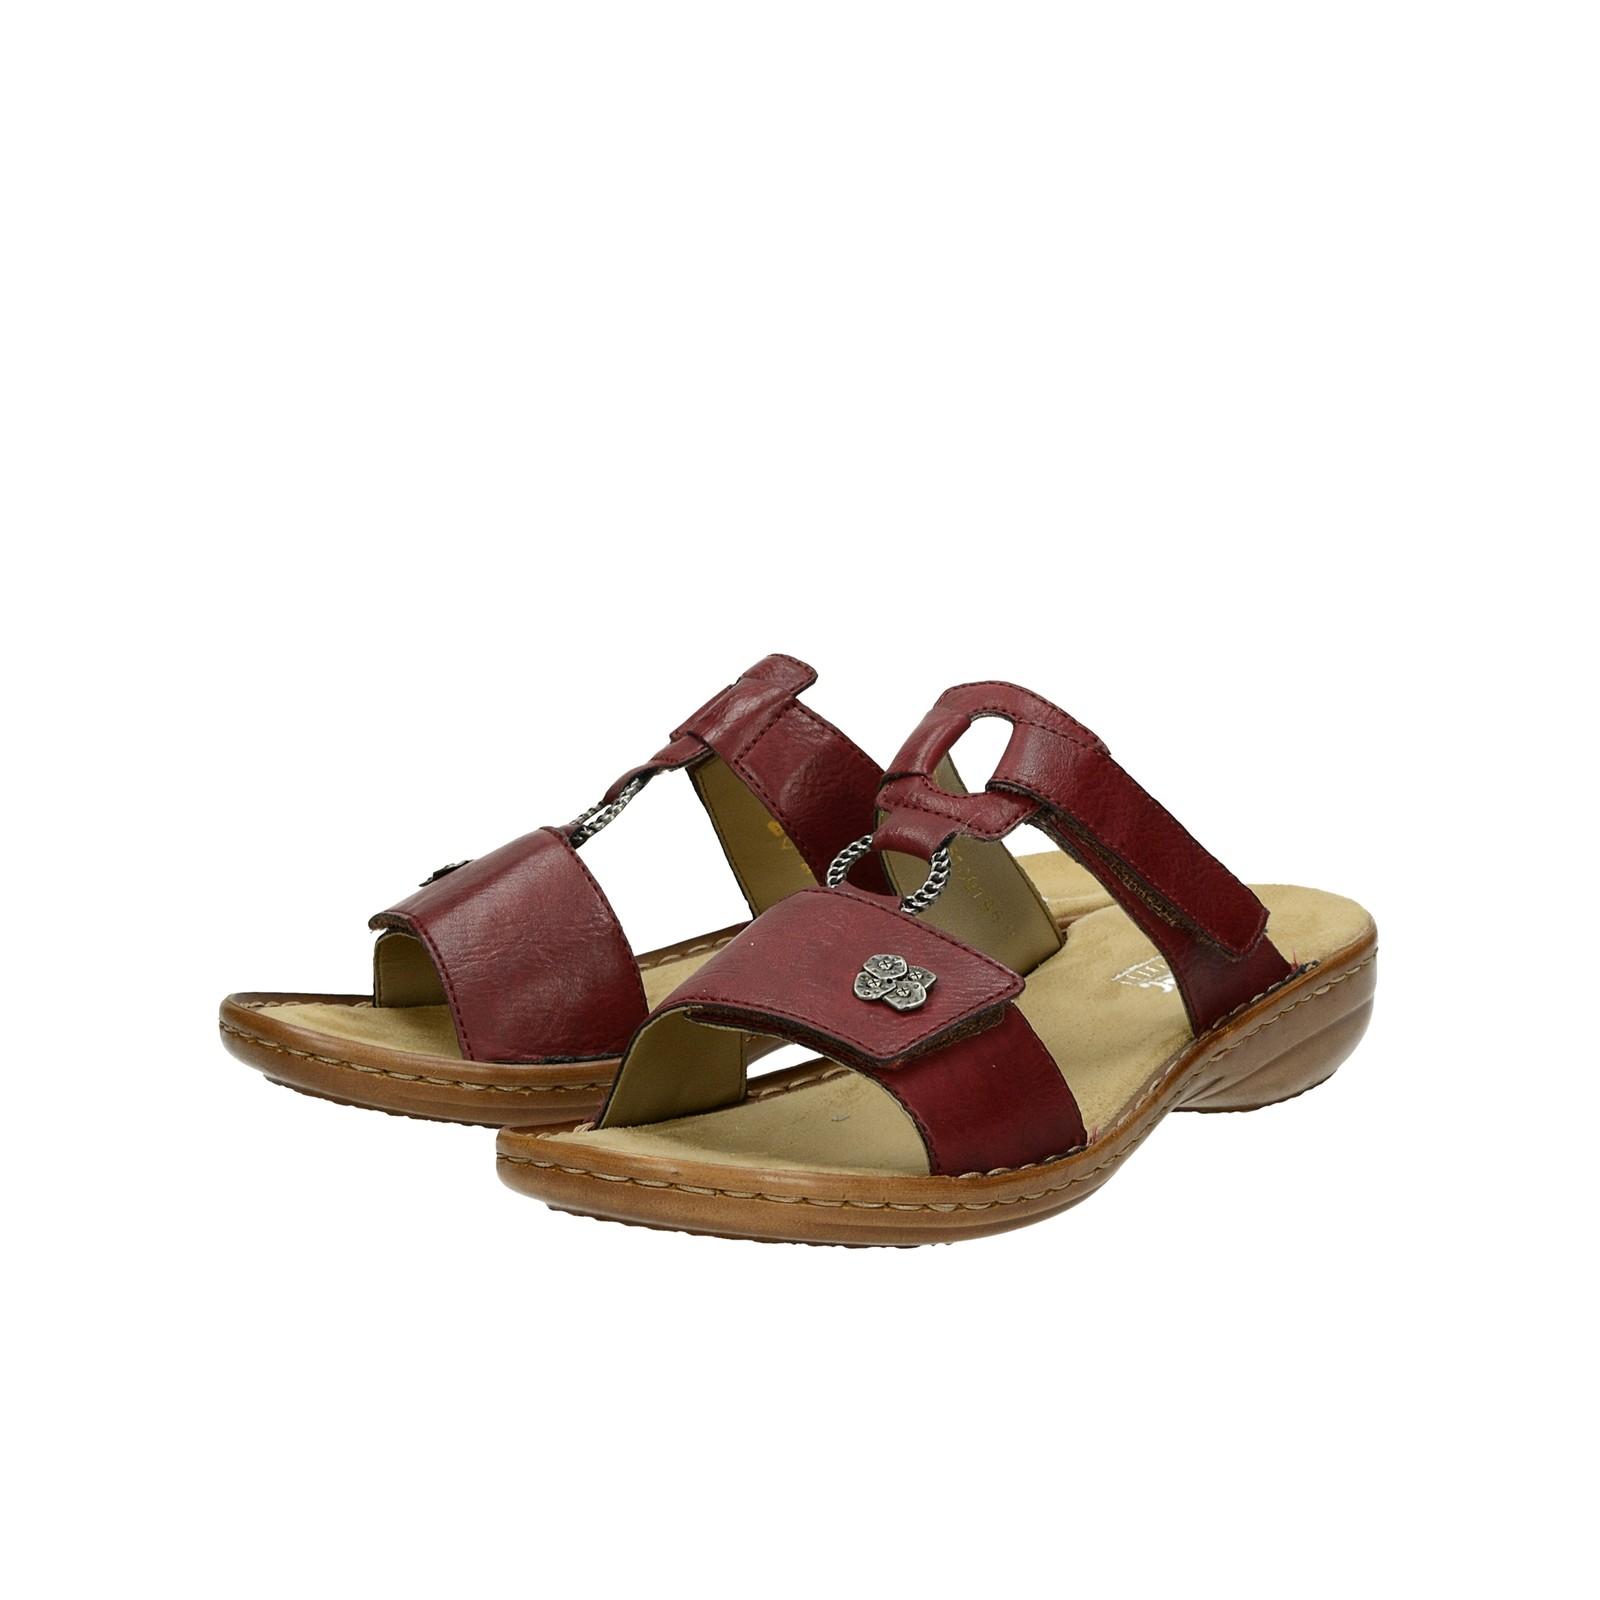 c226692b900c Rieker dámske pohodlné sandále na suchý zips - bordové ...